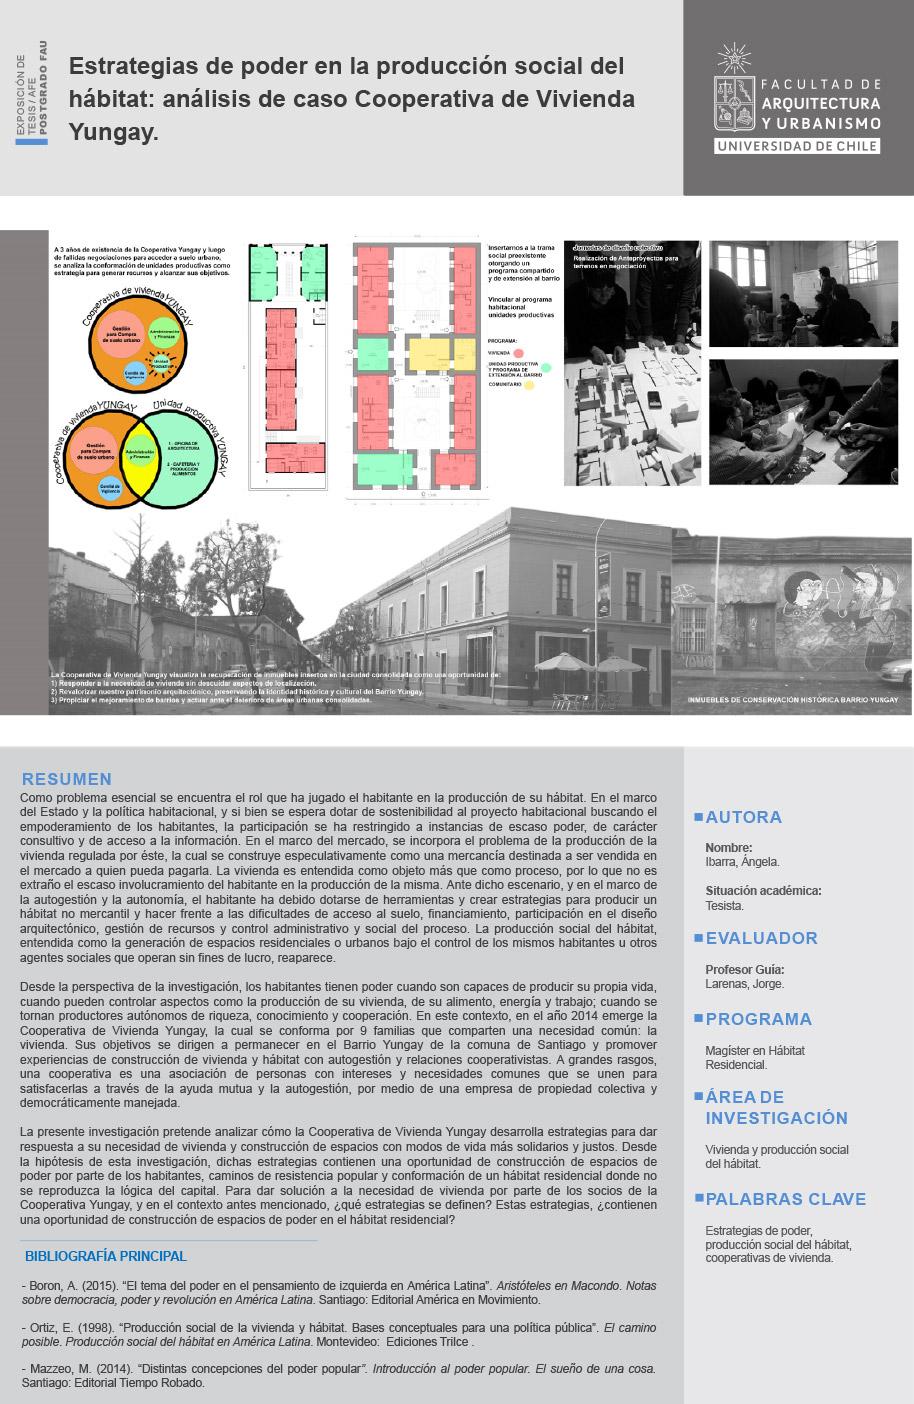 galeria-tesis-afe-003